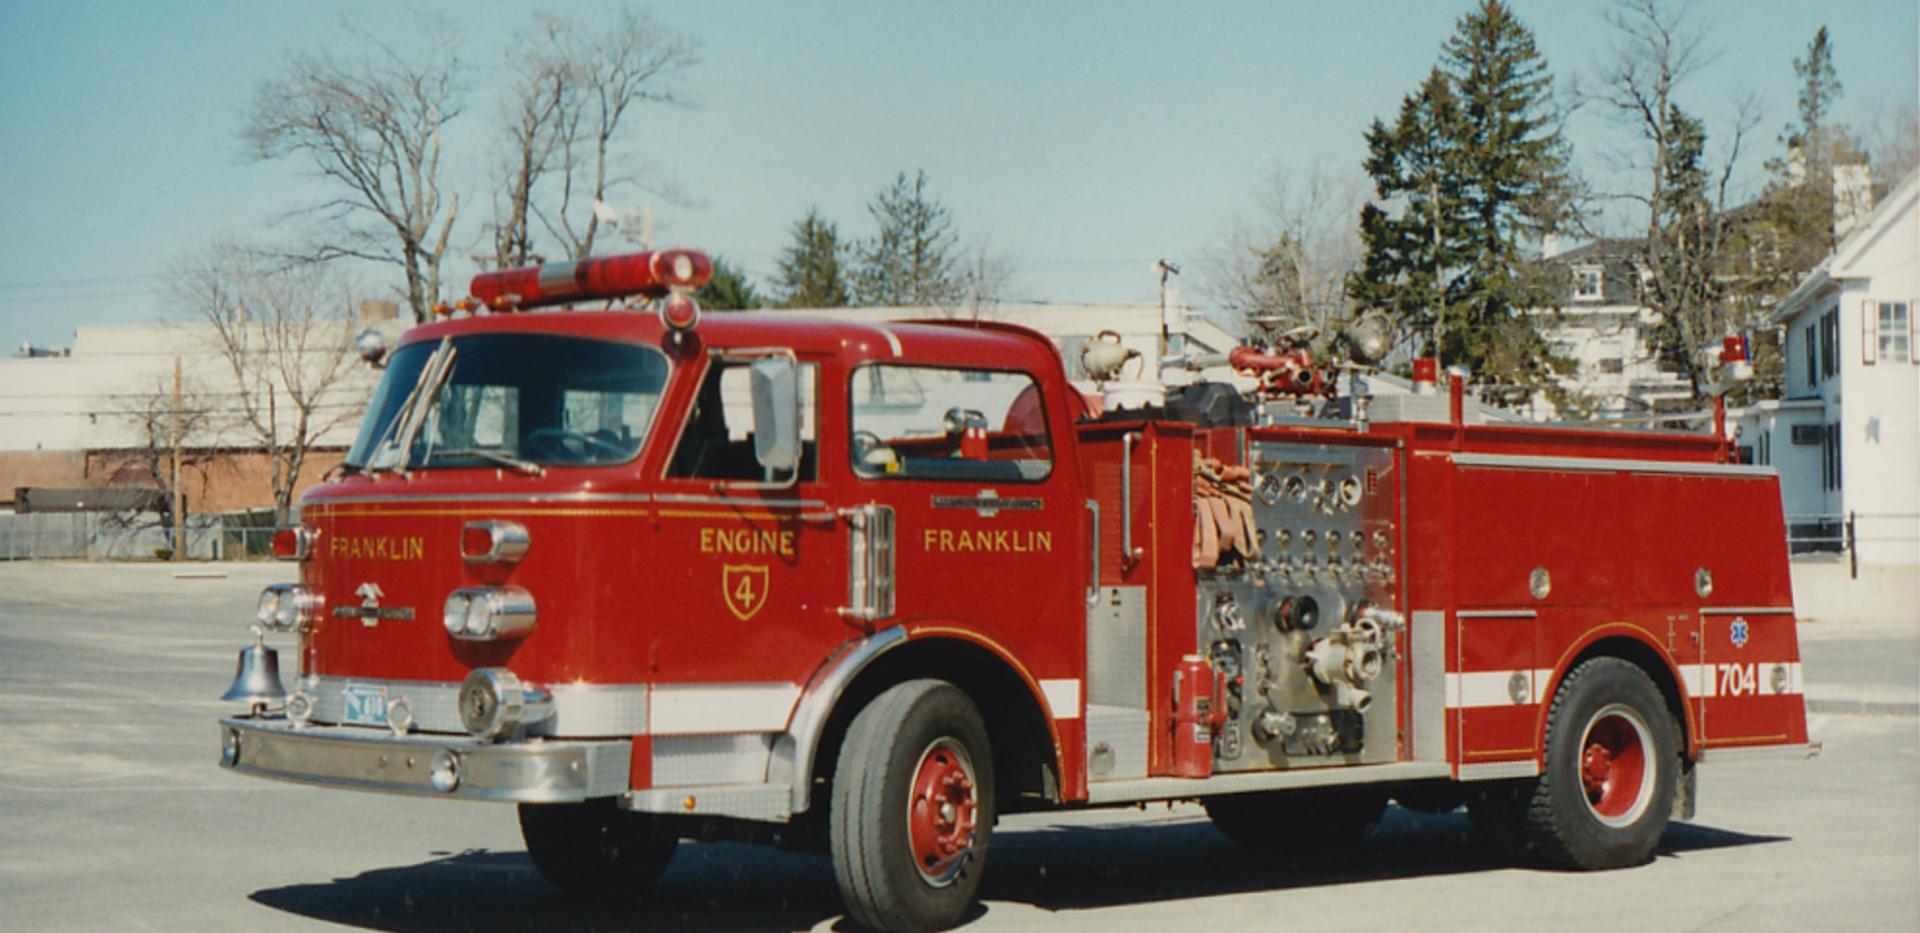 Franklin Engine 4 - 3.png